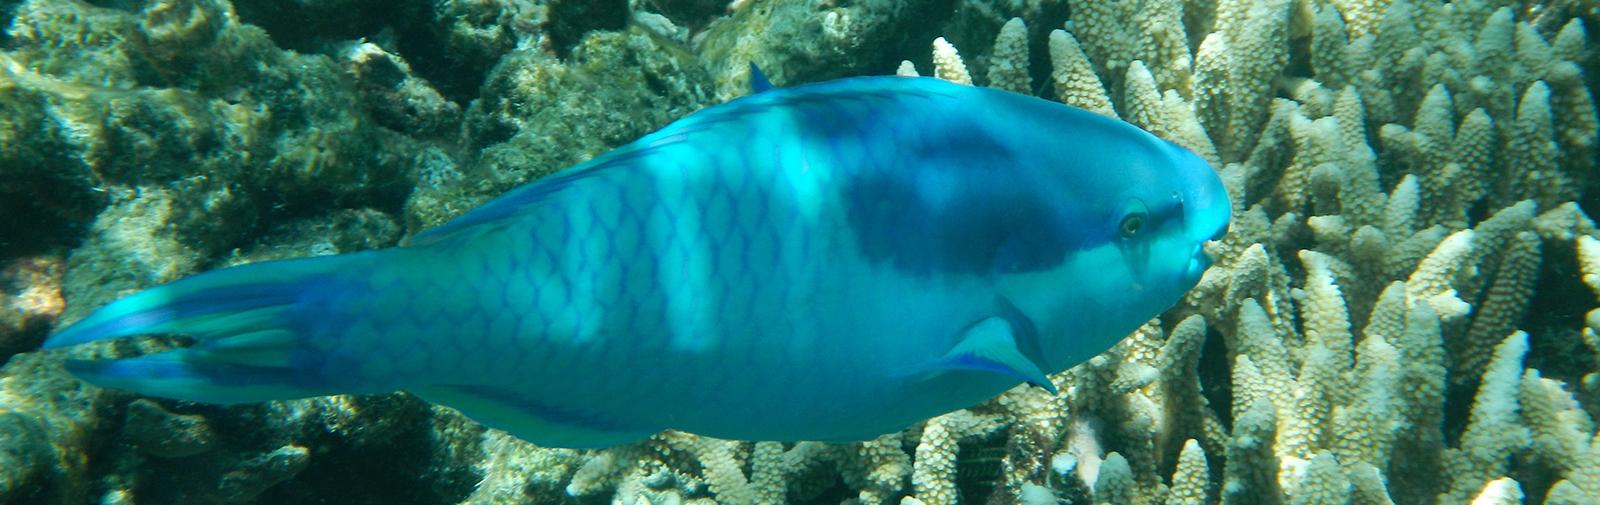 Australie - Grande barrière de corail